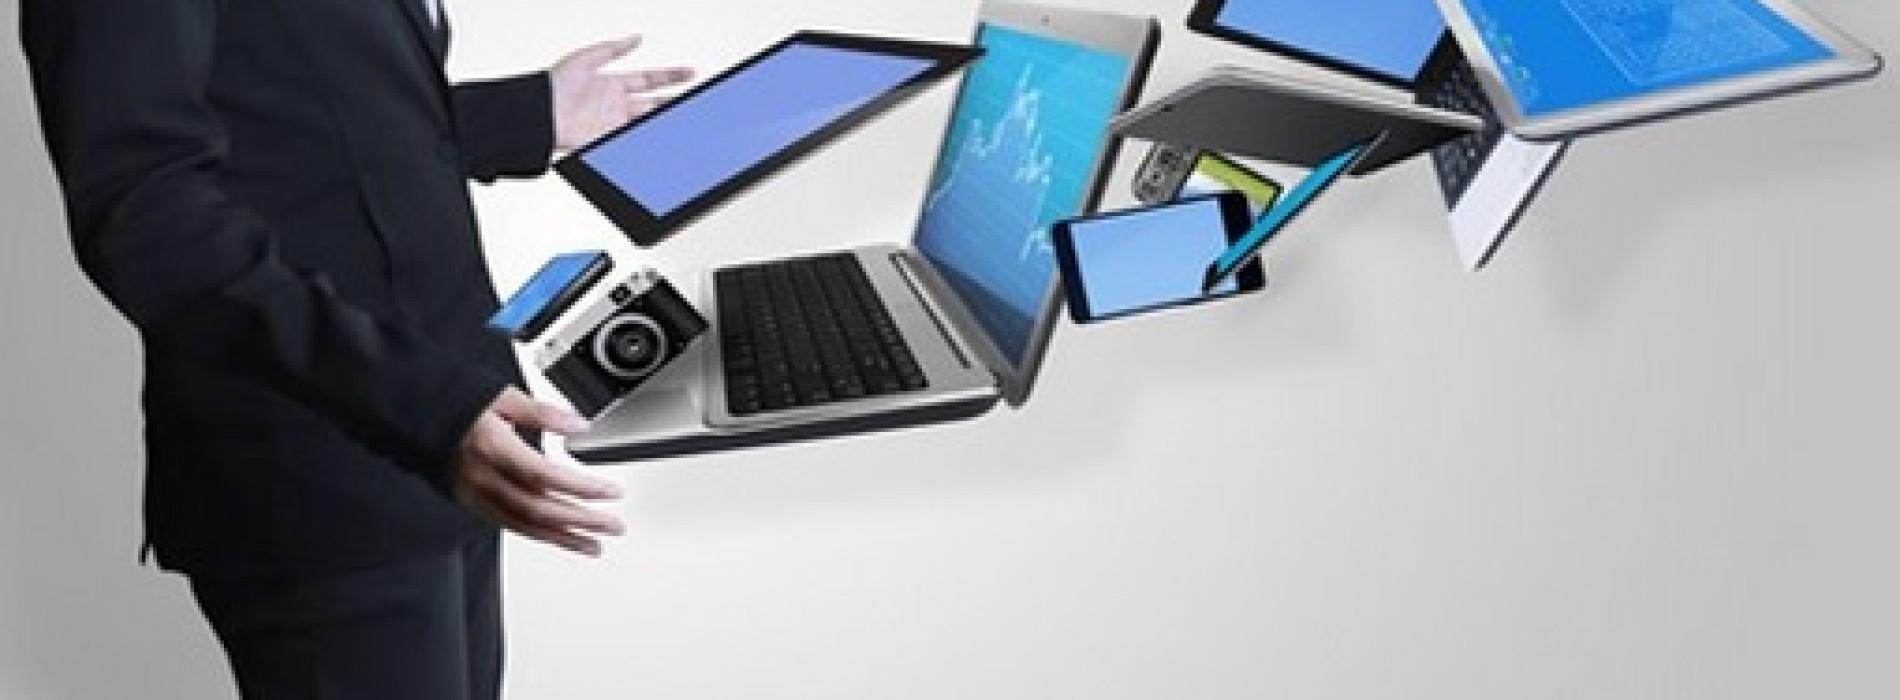 Czym charakteryzuje się kredyt technologiczny?